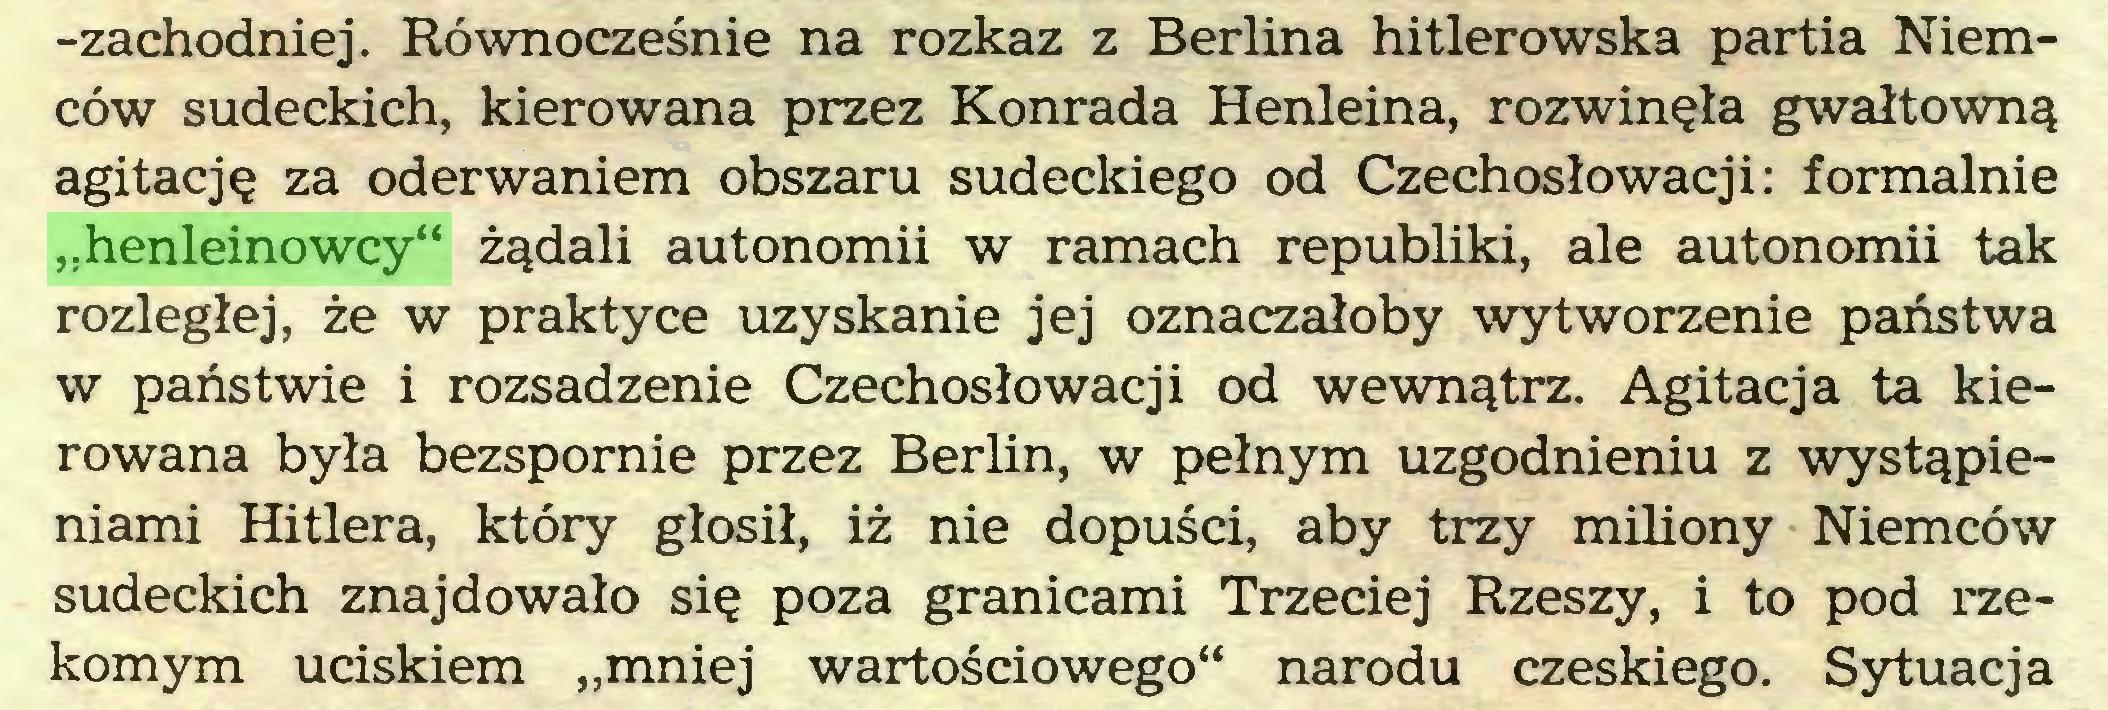 """(...) -zachodniej. Równocześnie na rozkaz z Berlina hitlerowska partia Niemców sudeckich, kierowana przez Konrada Henleina, rozwinęła gwałtowną agitację za oderwaniem obszaru sudeckiego od Czechosłowacji: formalnie """"henleinowcy"""" żądali autonomii w ramach republiki, ale autonomii tak rozległej, że w praktyce uzyskanie jej oznaczałoby wytworzenie państwa w państwie i rozsadzenie Czechosłowacji od wewnątrz. Agitacja ta kierowana była bezspornie przez Berlin, w pełnym uzgodnieniu z wystąpieniami Hitlera, który głosił, iż nie dopuści, aby trzy miliony Niemców sudeckich znajdowało się poza granicami Trzeciej Rzeszy, i to pod rzekomym uciskiem """"mniej wartościowego"""" narodu czeskiego. Sytuacja..."""